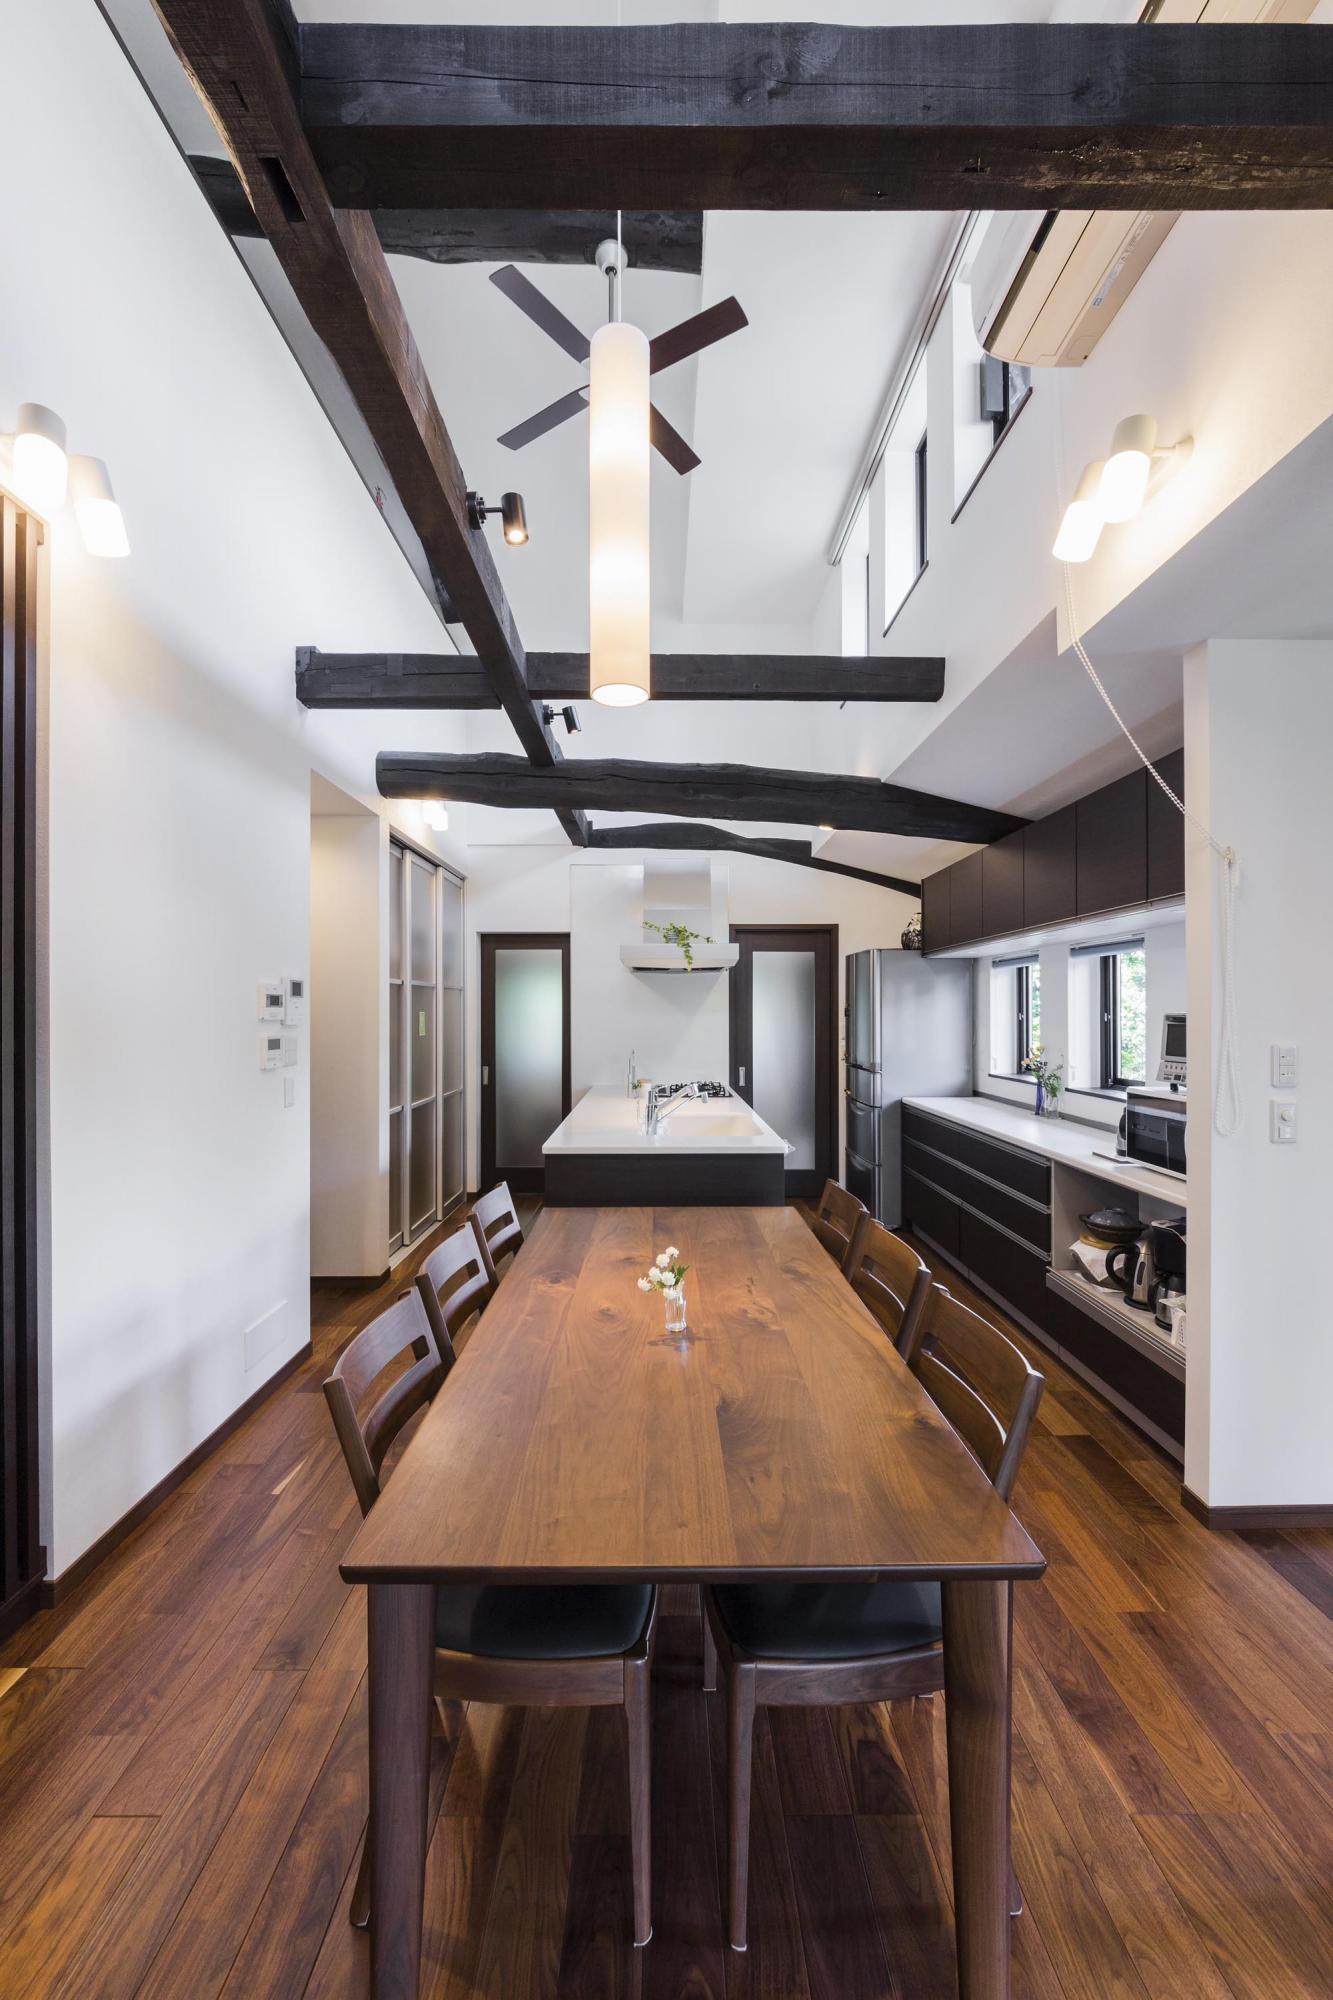 ダークなブラウン系のウォルナットフロアには床暖房を設置。写真のダイニングテーブルは床の色にあわせて選んだ。